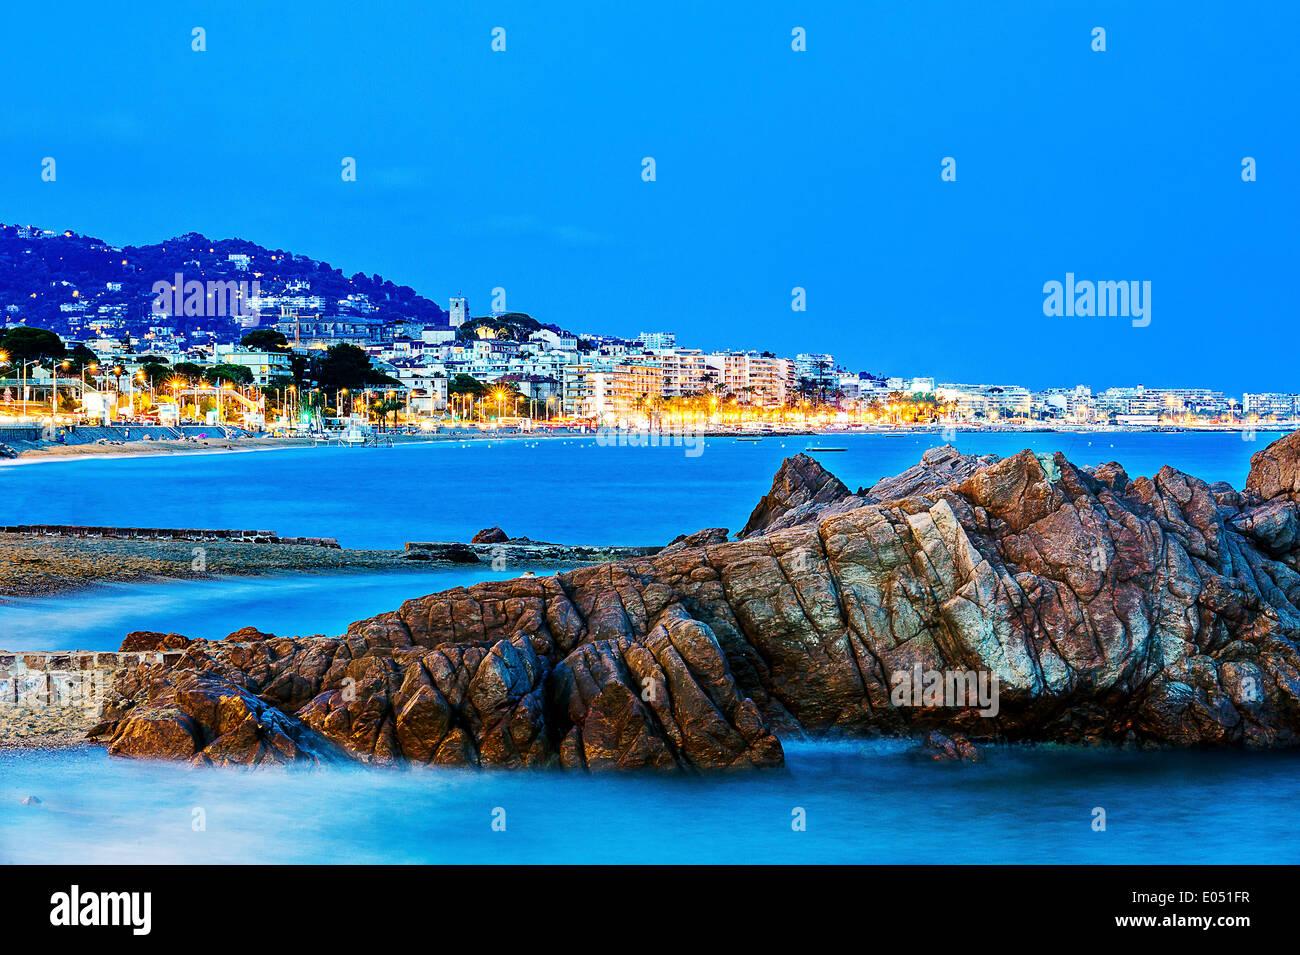 Europa, Frankreich, Alpes-Maritimes Cannes. Bucht von Cannes in der Abenddämmerung. Stockfoto